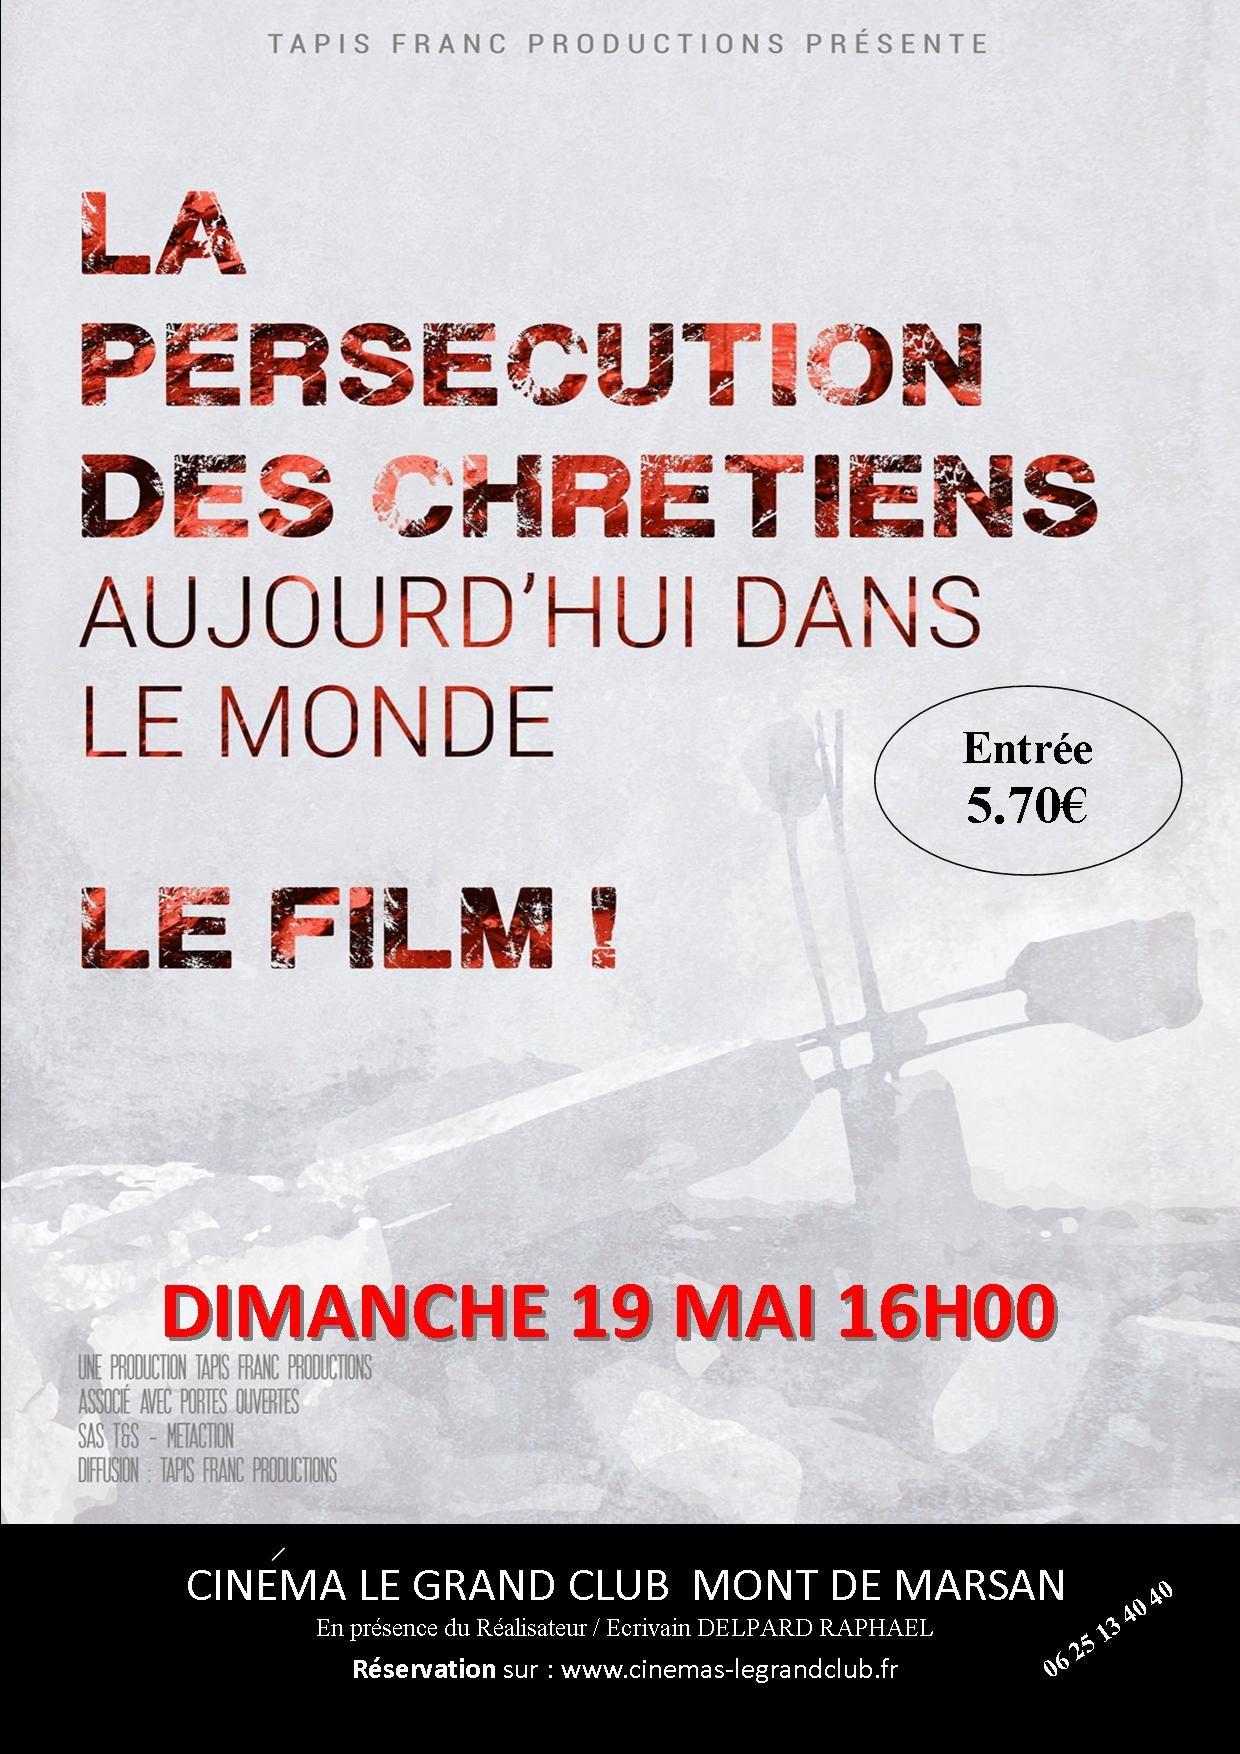 La persécution des chrétiens aujourd'hui dans le monde – Projection le 19 mai 2019 à Mont-de-Marsan (40)